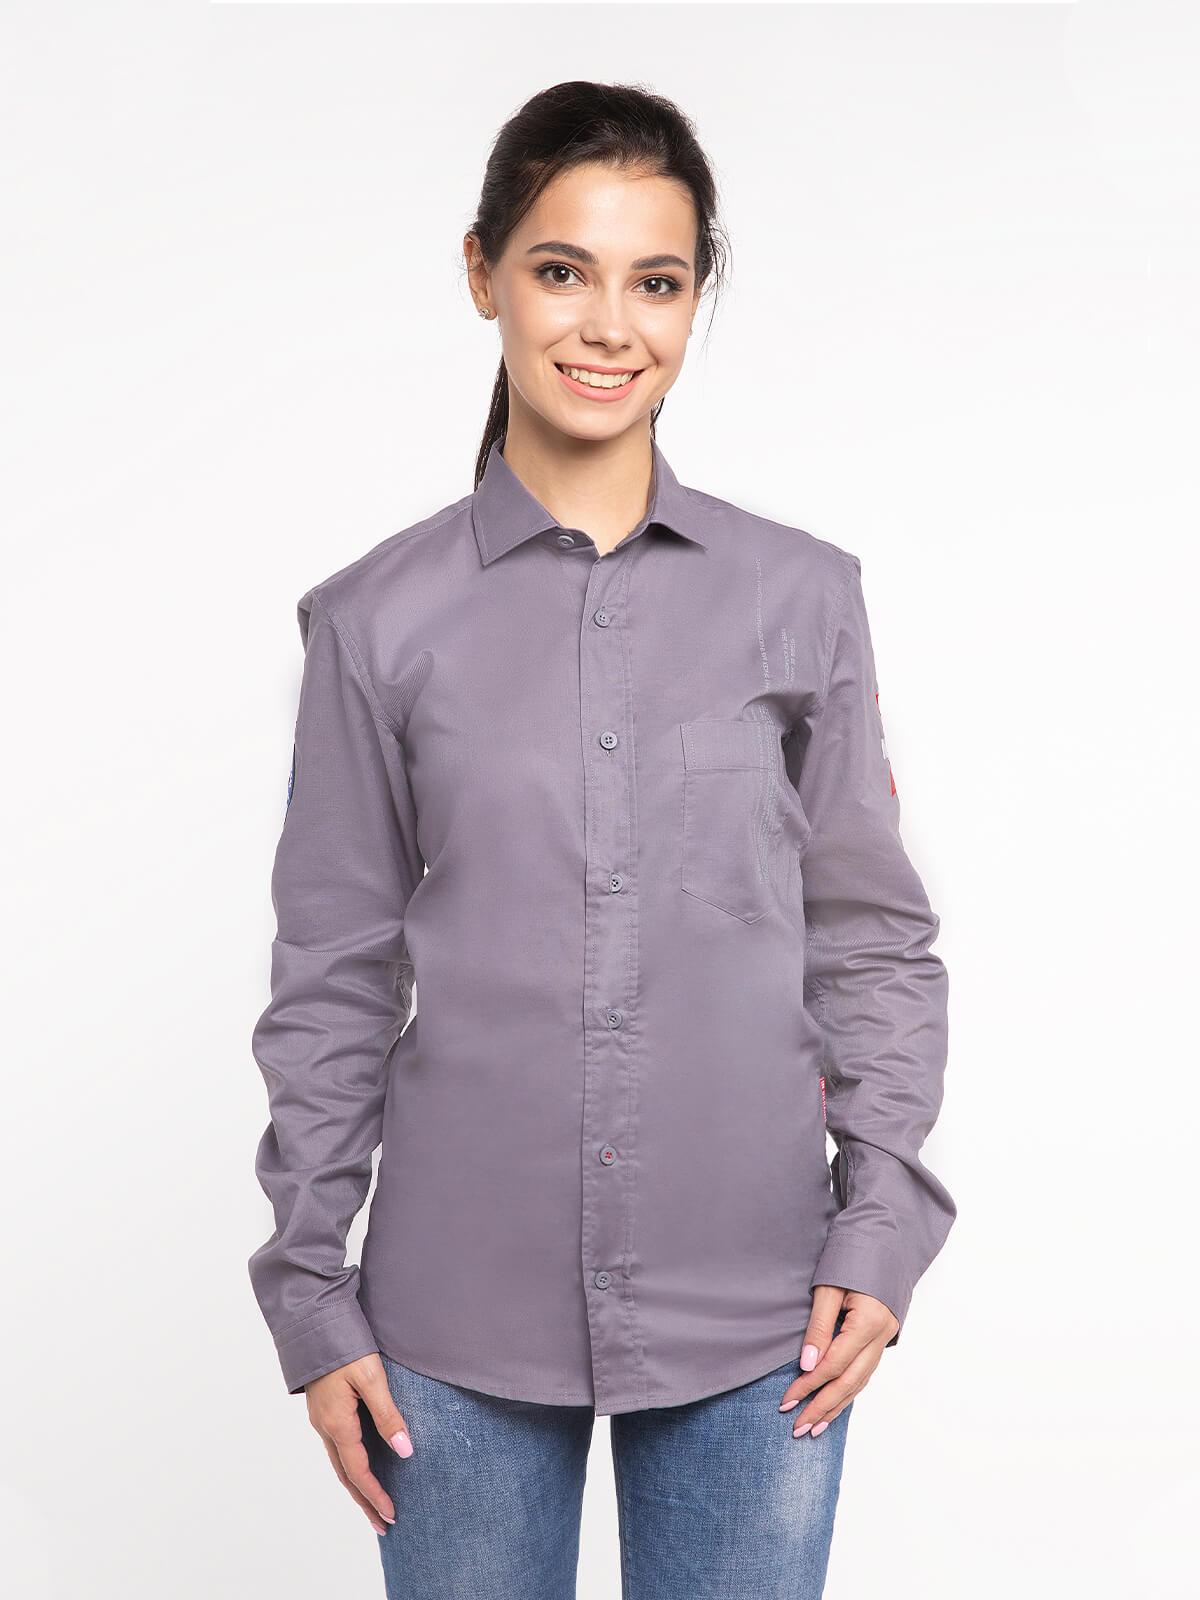 Women's Shirt Molfar-X. Color gray. Pique fabric: 100% cotton.